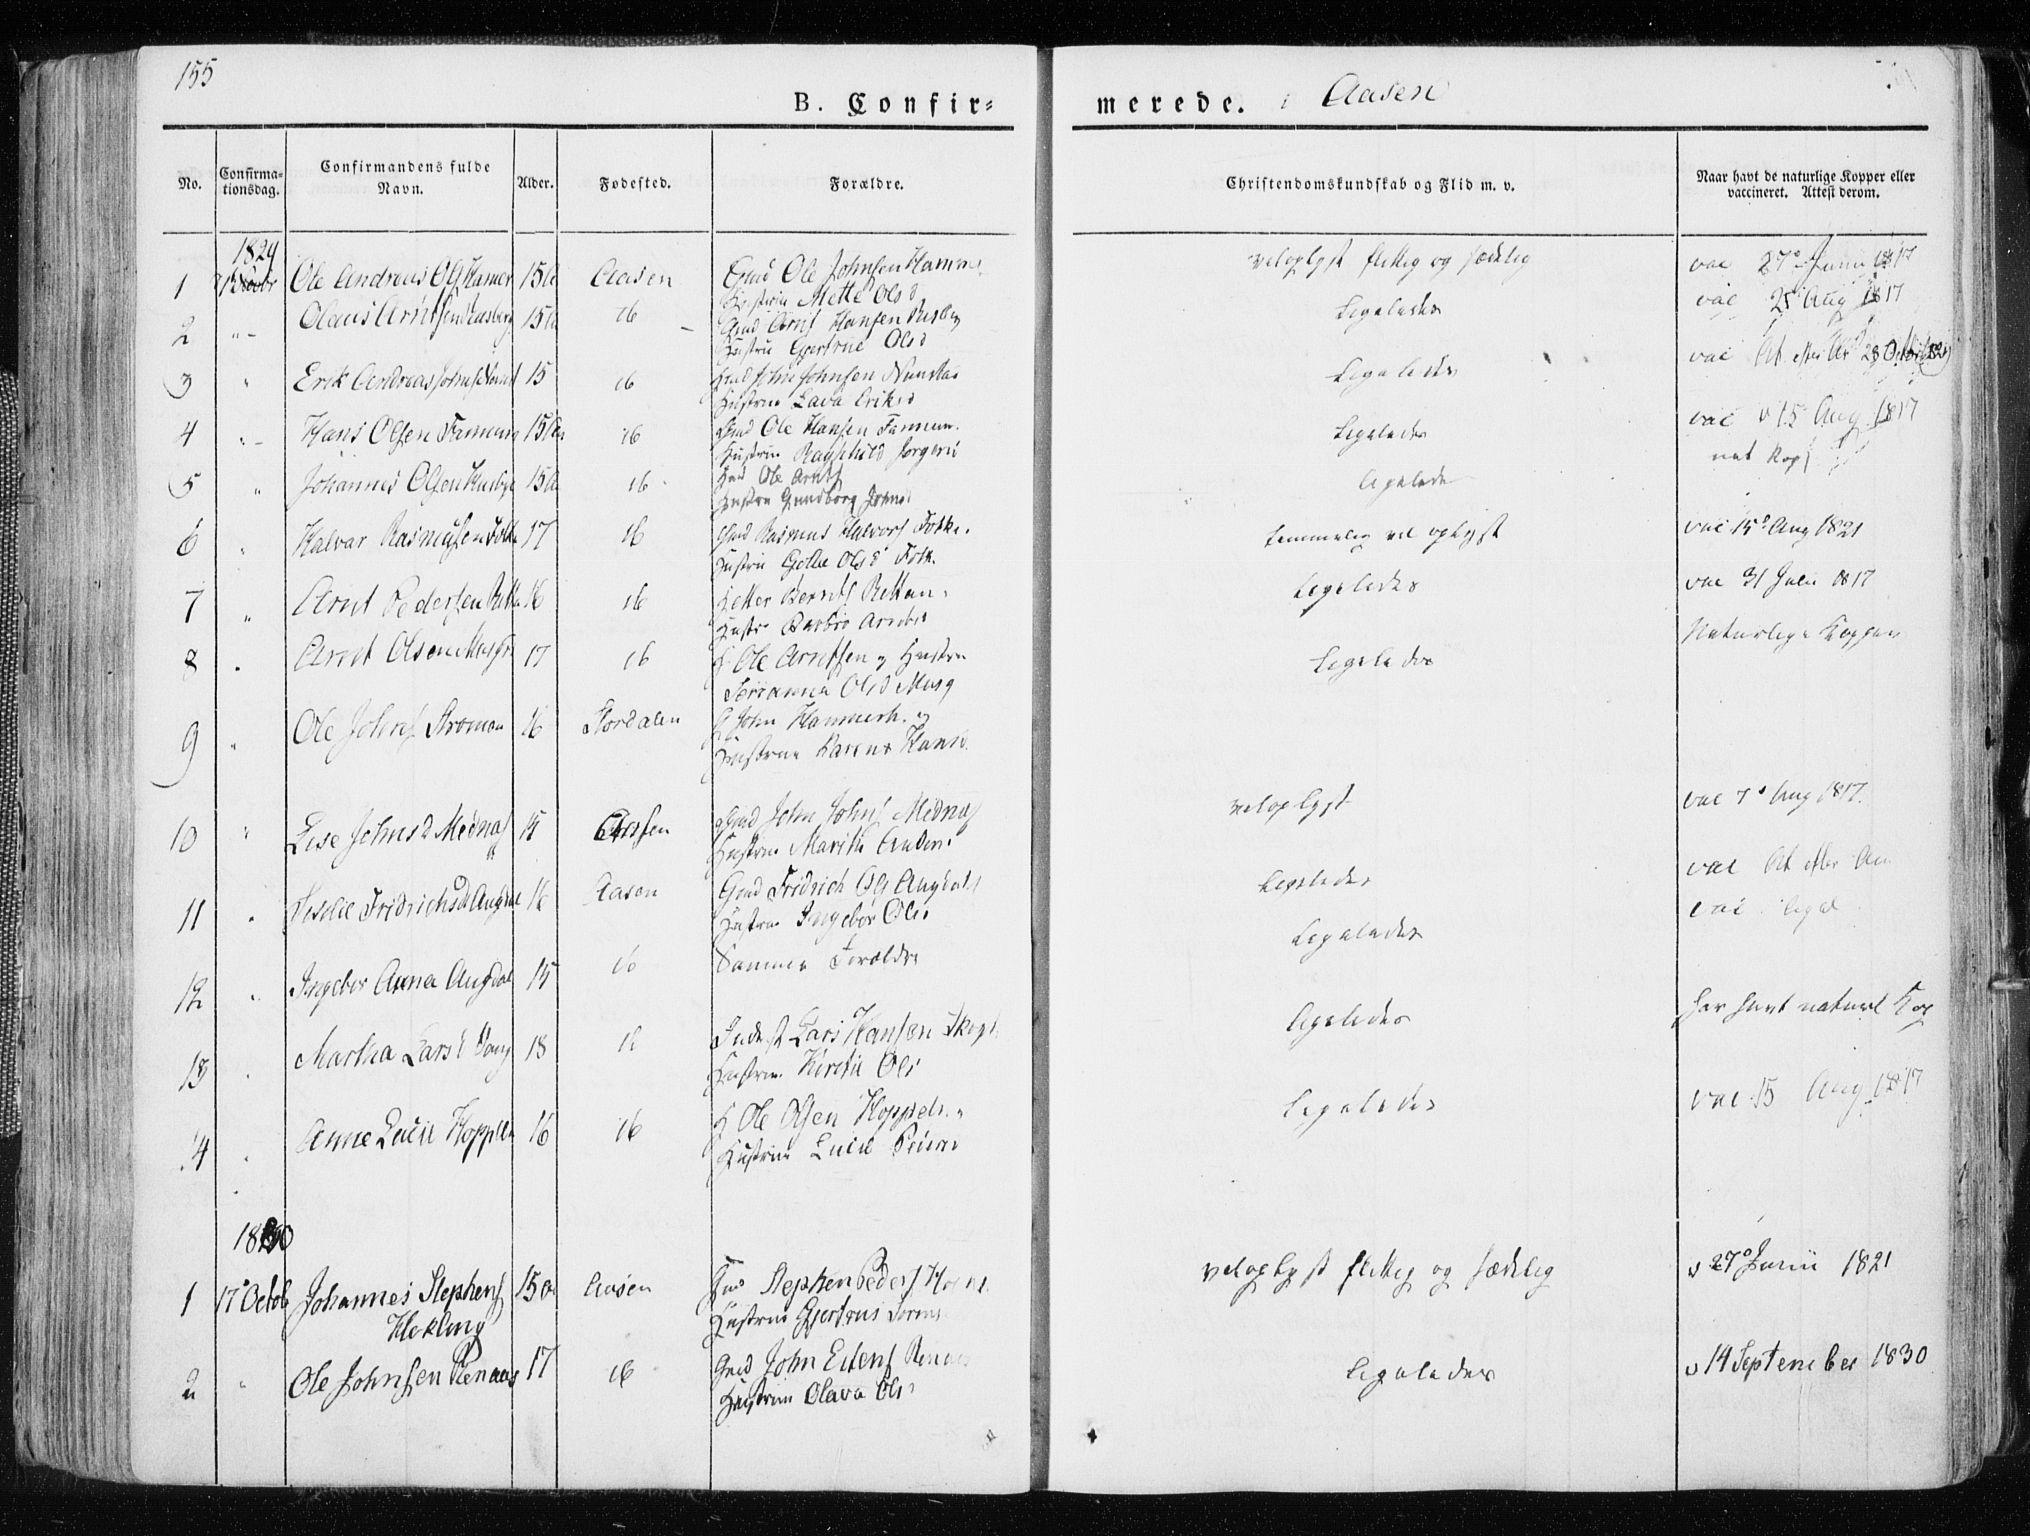 SAT, Ministerialprotokoller, klokkerbøker og fødselsregistre - Nord-Trøndelag, 713/L0114: Ministerialbok nr. 713A05, 1827-1839, s. 155